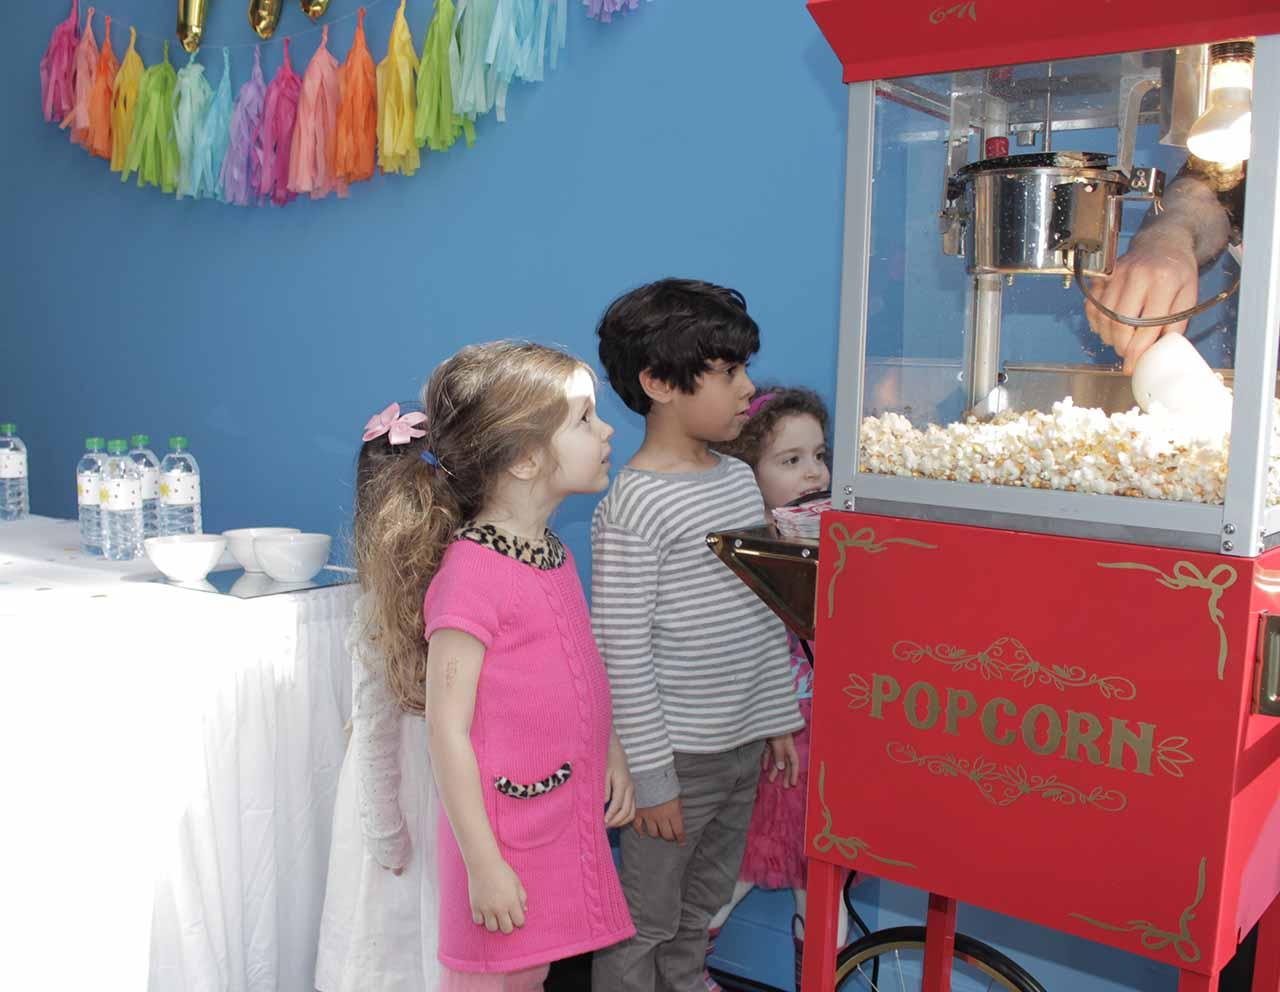 Gourmandises pop corn - Village d'animations et spectacles pour vos festivités en Hautes Pyrénées (65), Gers (32), Landes (40) et Pyrénées-Atlantiques (64)